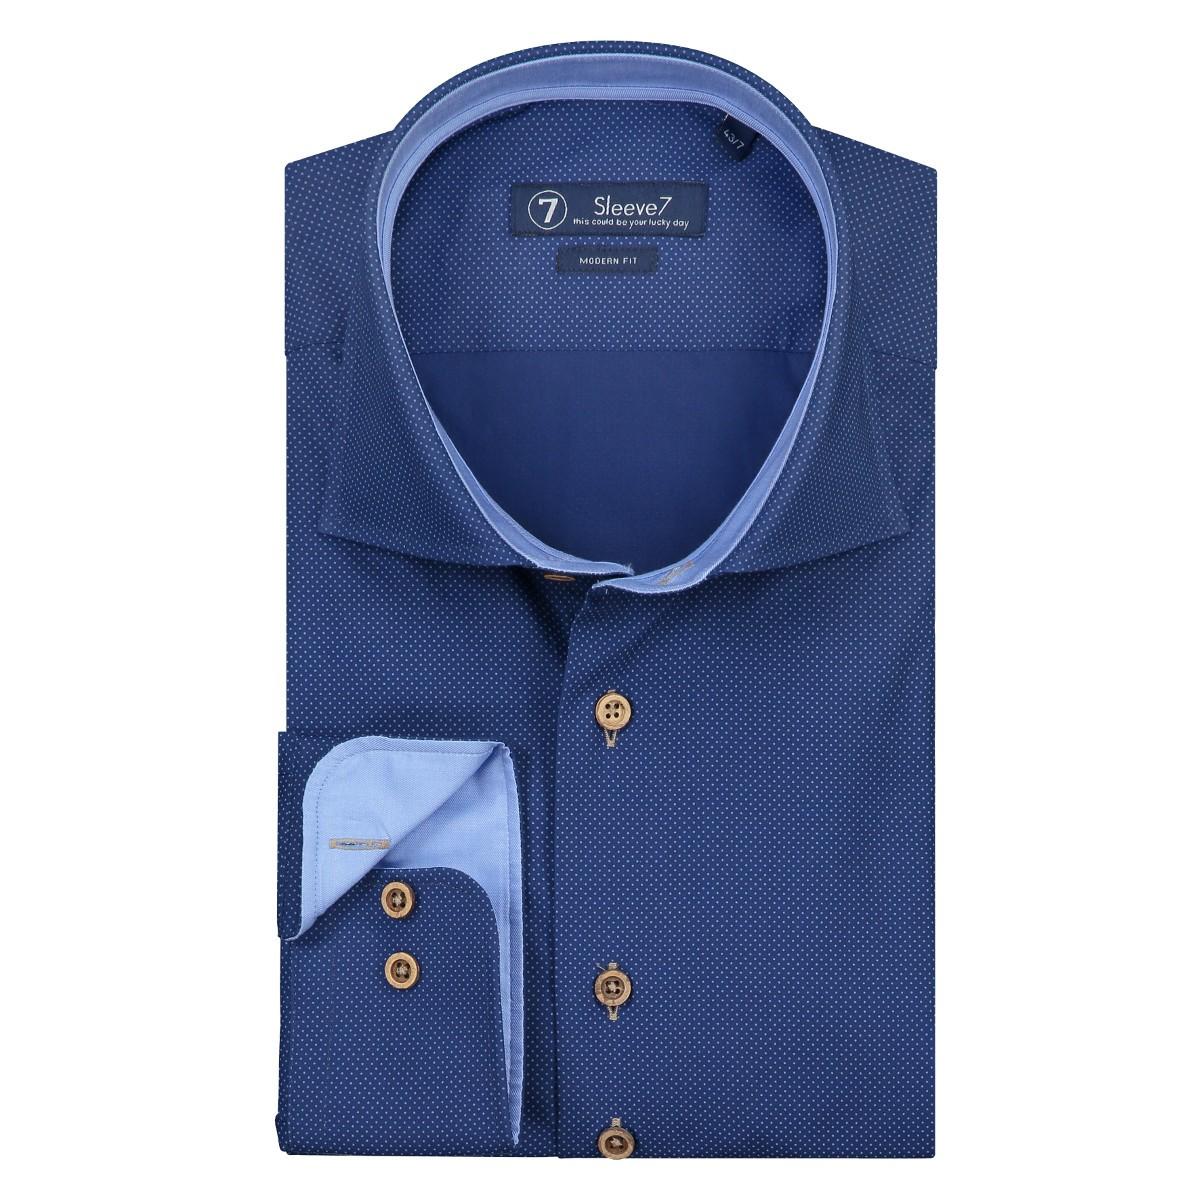 De nieuwe collectie Sleeve7 overhemden is binnen